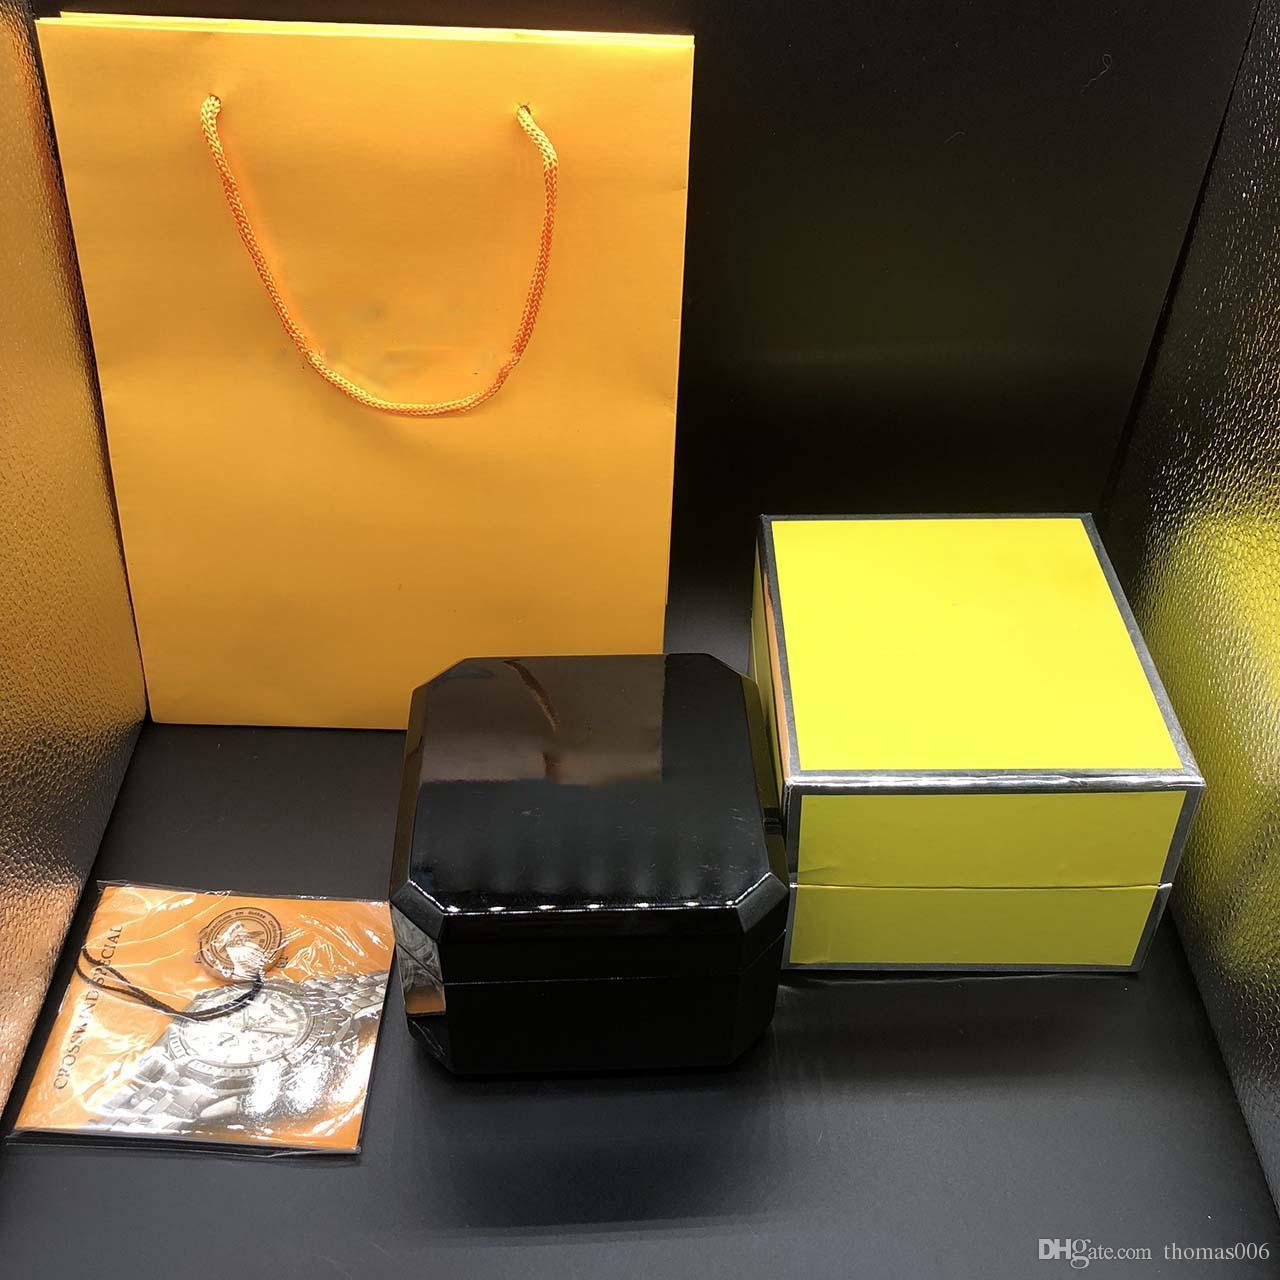 La mejor calidad Caja de madera de color negro Caja de regalo 1884 Caja de madera Folletos Tarjetas Caja de madera negra para ver Incluye Bolsa de Certificado